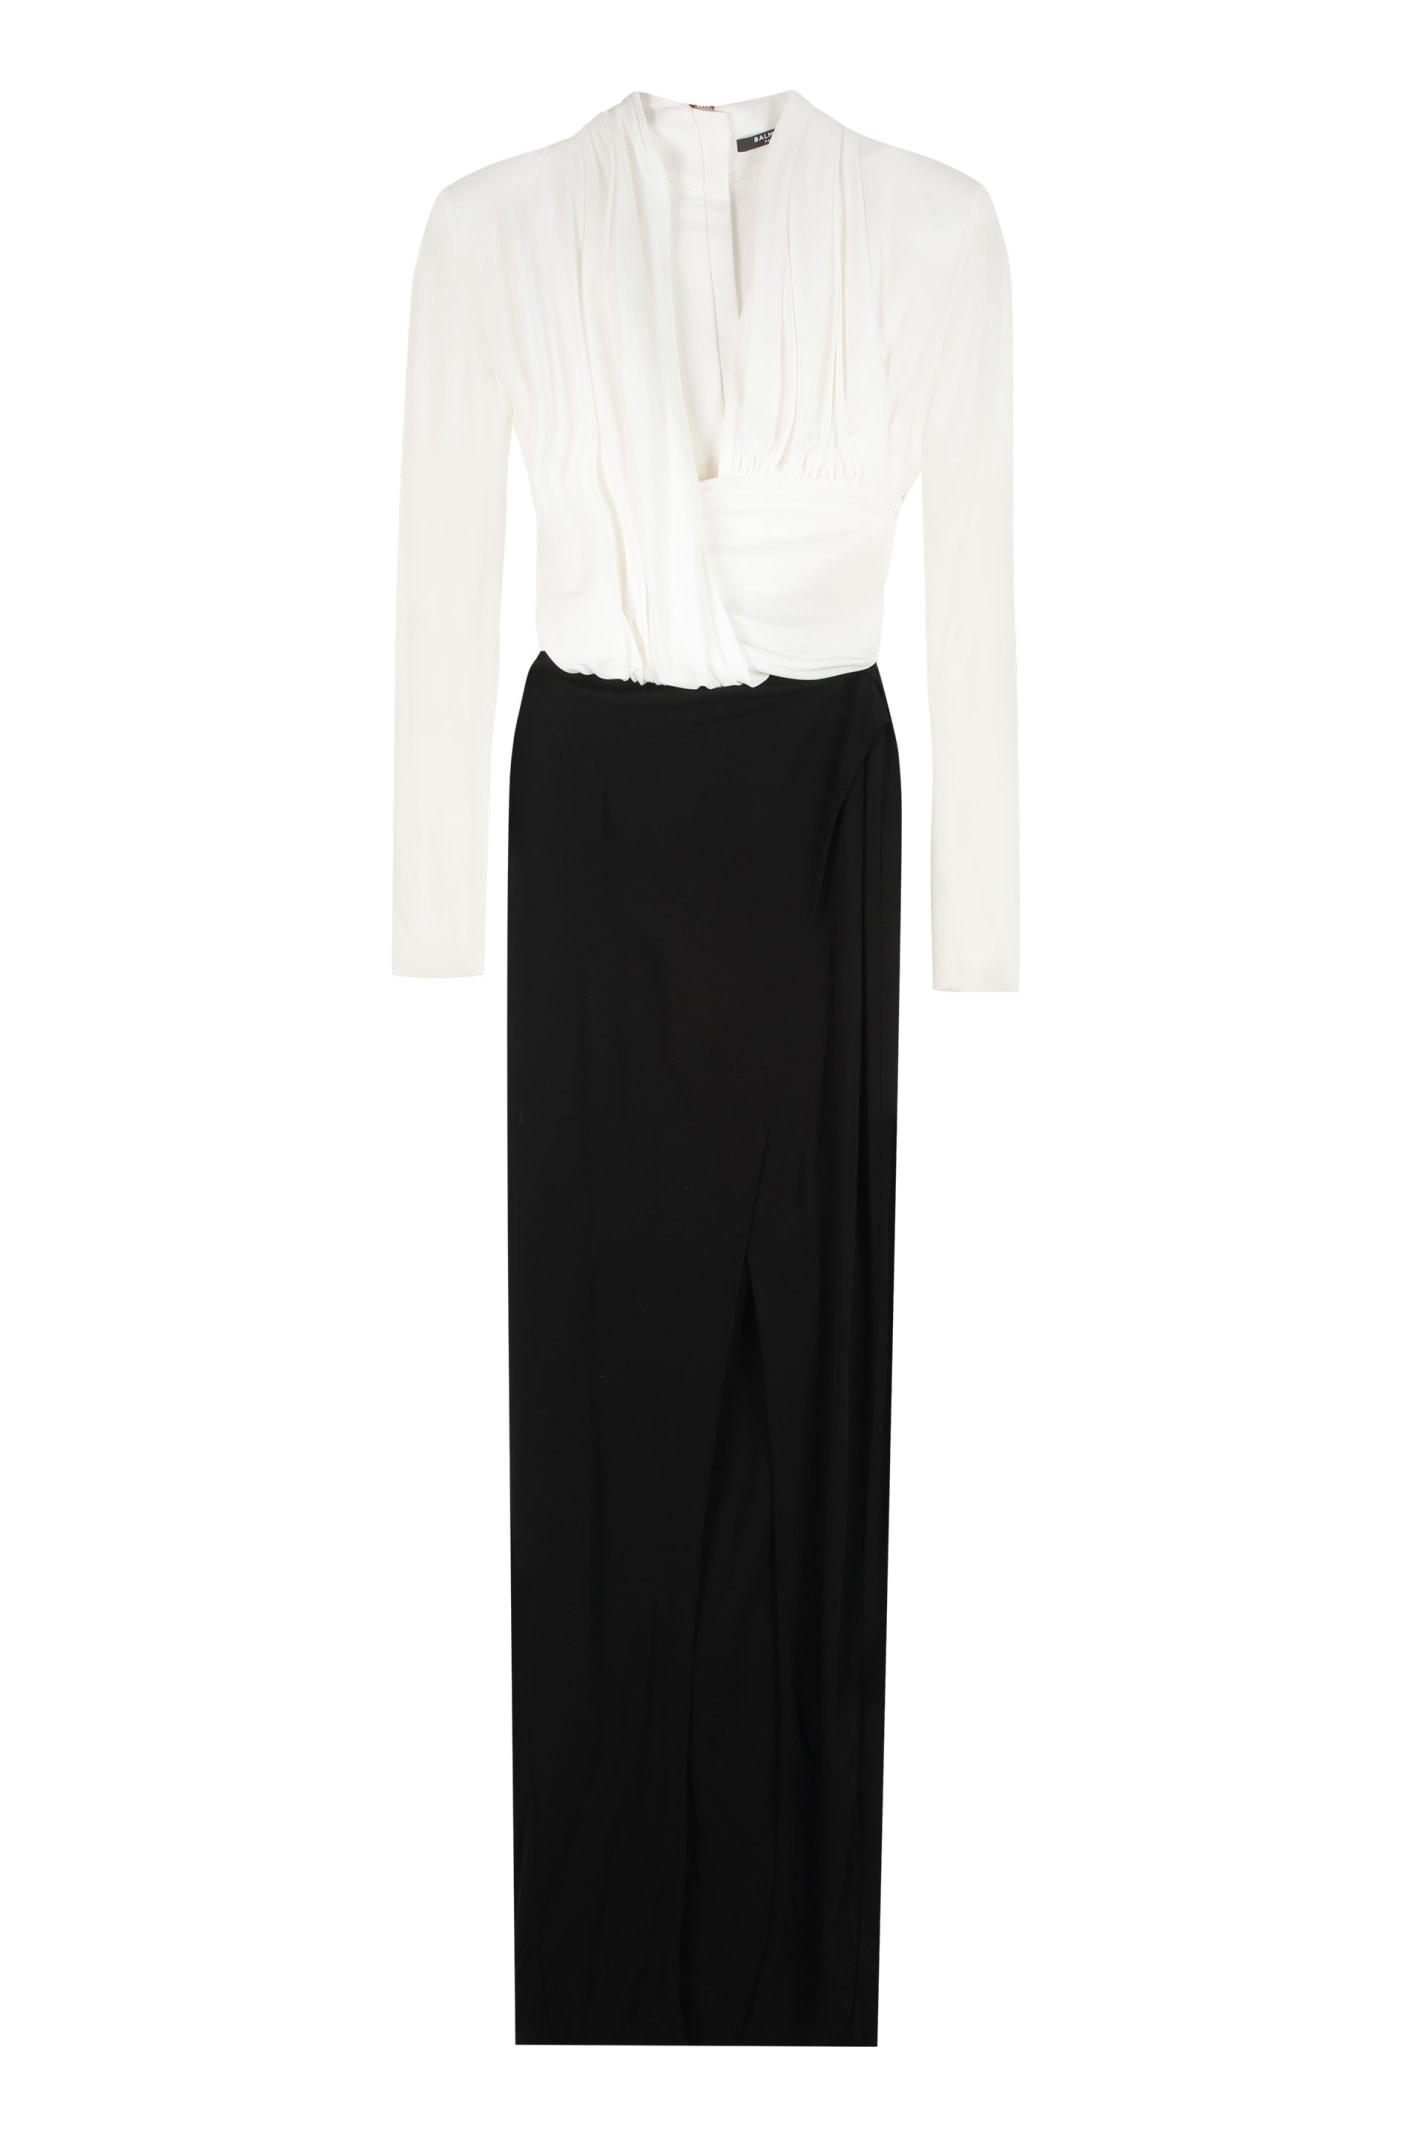 Buy Balmain Draped Long Dress online, shop Balmain with free shipping